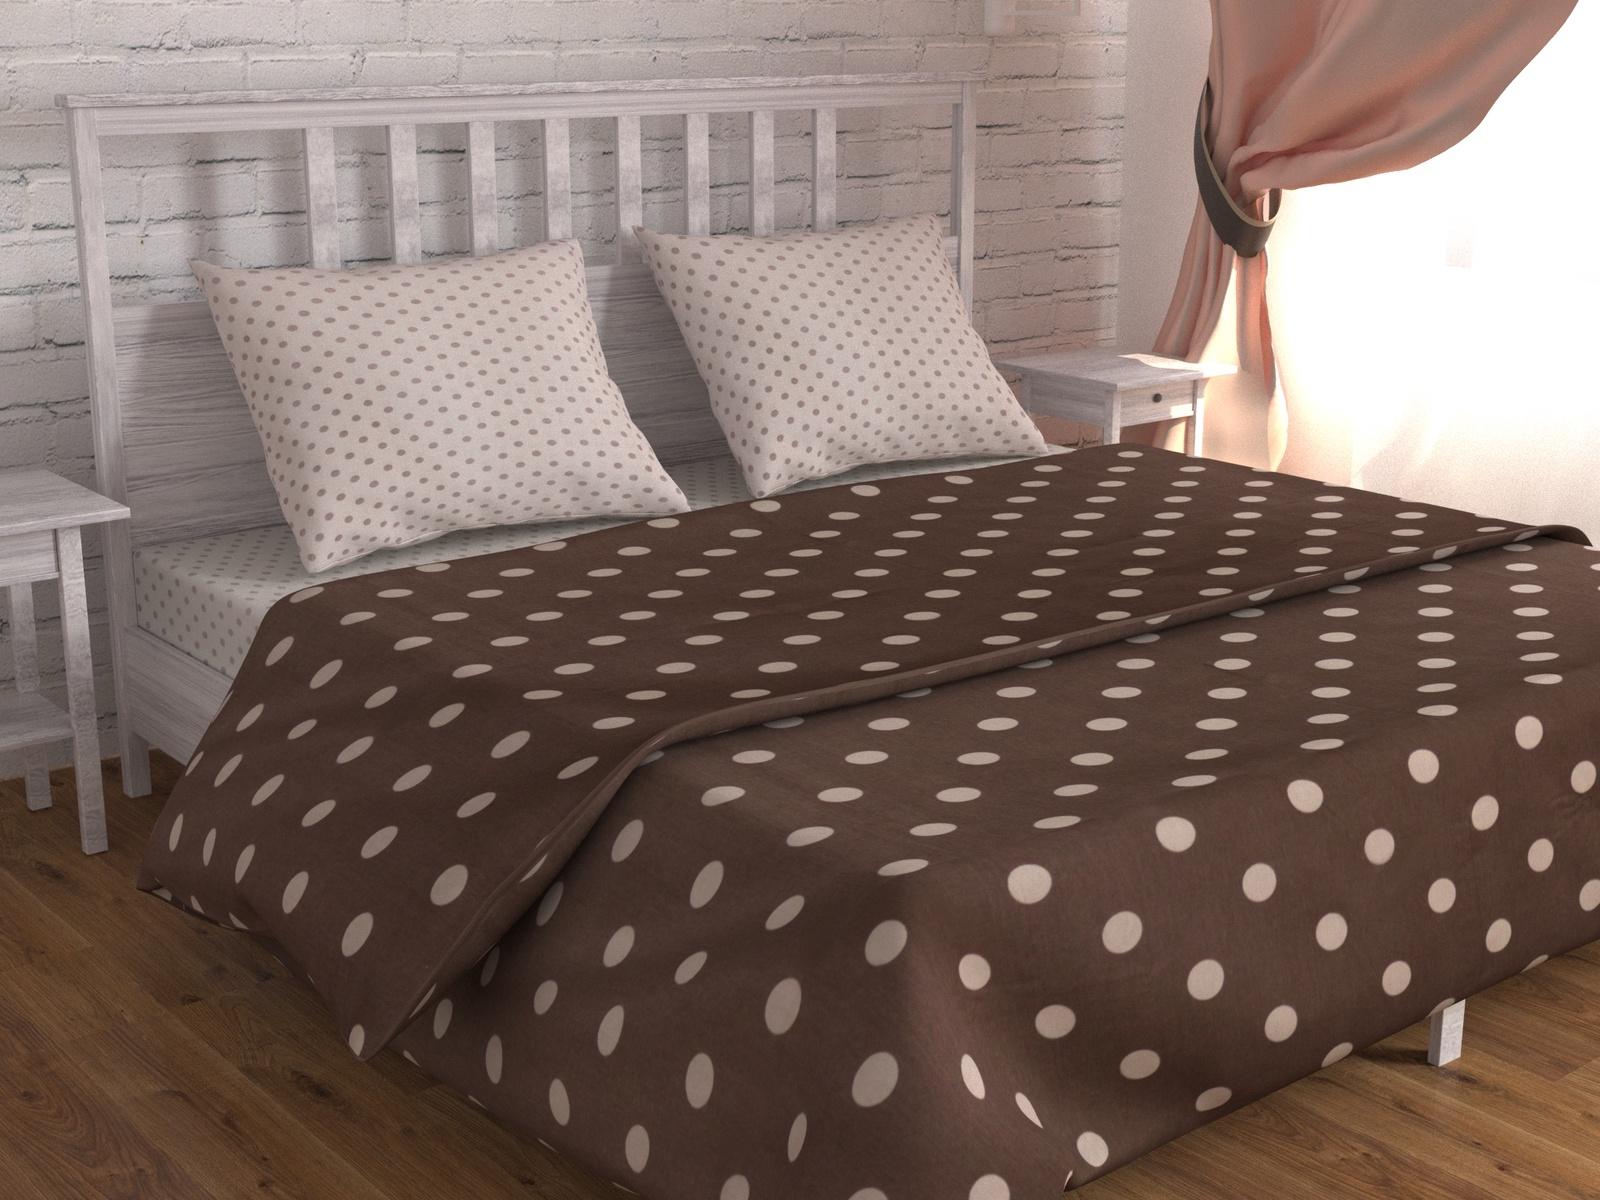 цена Постельное белье Зона сна бежевый,коричневый 183-KPB50EvB-ZS Евро онлайн в 2017 году